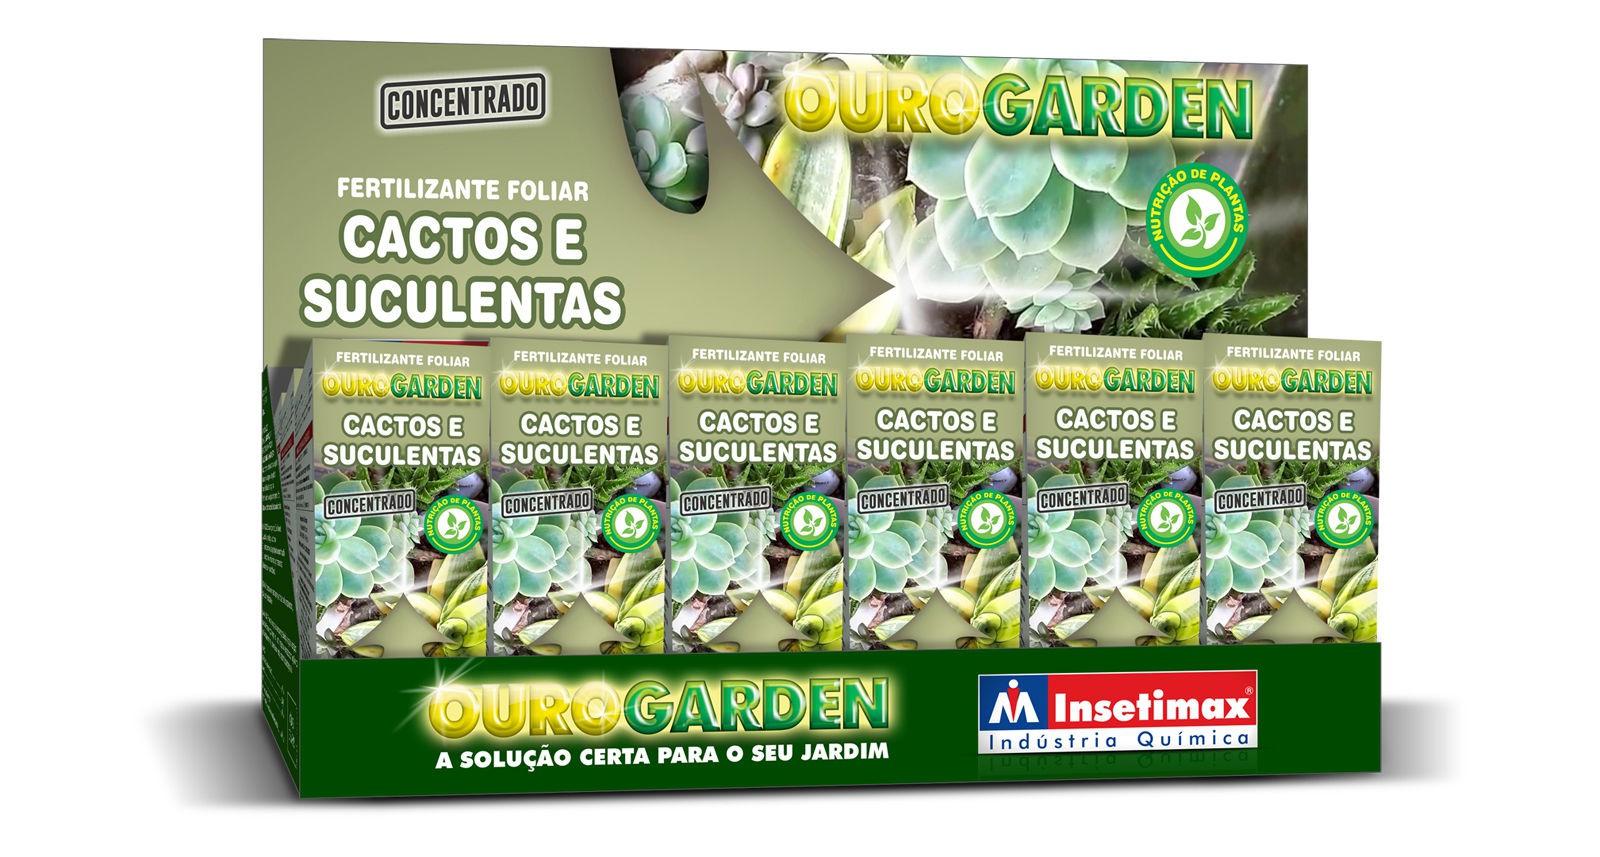 Fertilizante Liquido Ouro Garden Cactos e Suculentos 100ml